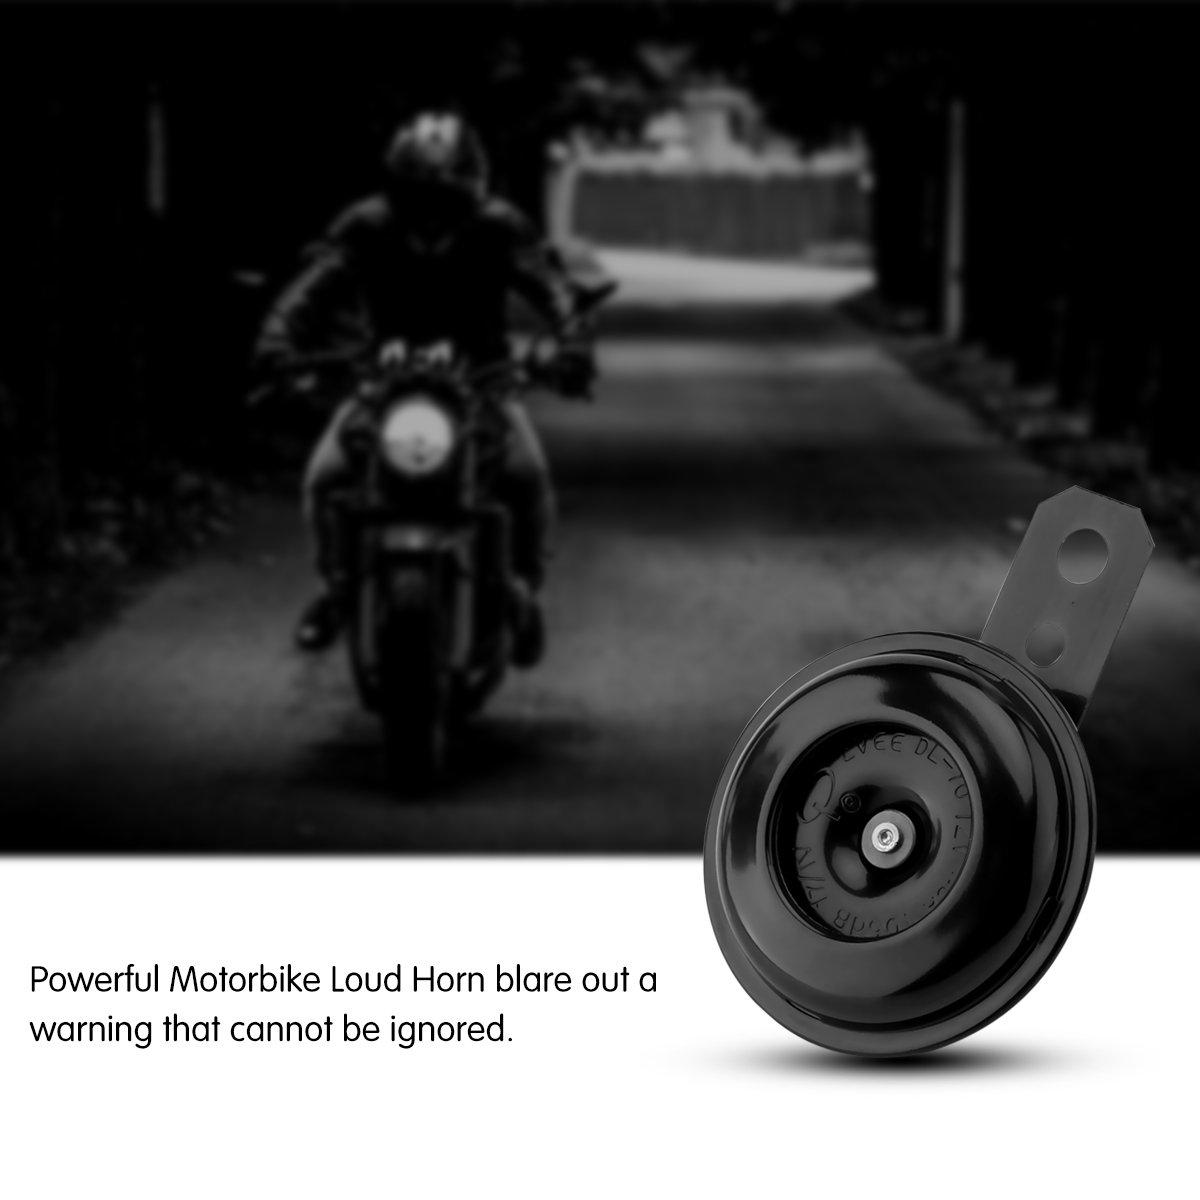 105dB DC12V TiooDre Horn universale moto Corno Elettrico clacson altoparlante rotondo forte bici elettrica campana in bicicletta manubrio allarme Horn tono Bells Ring per moto Modification 1.5A